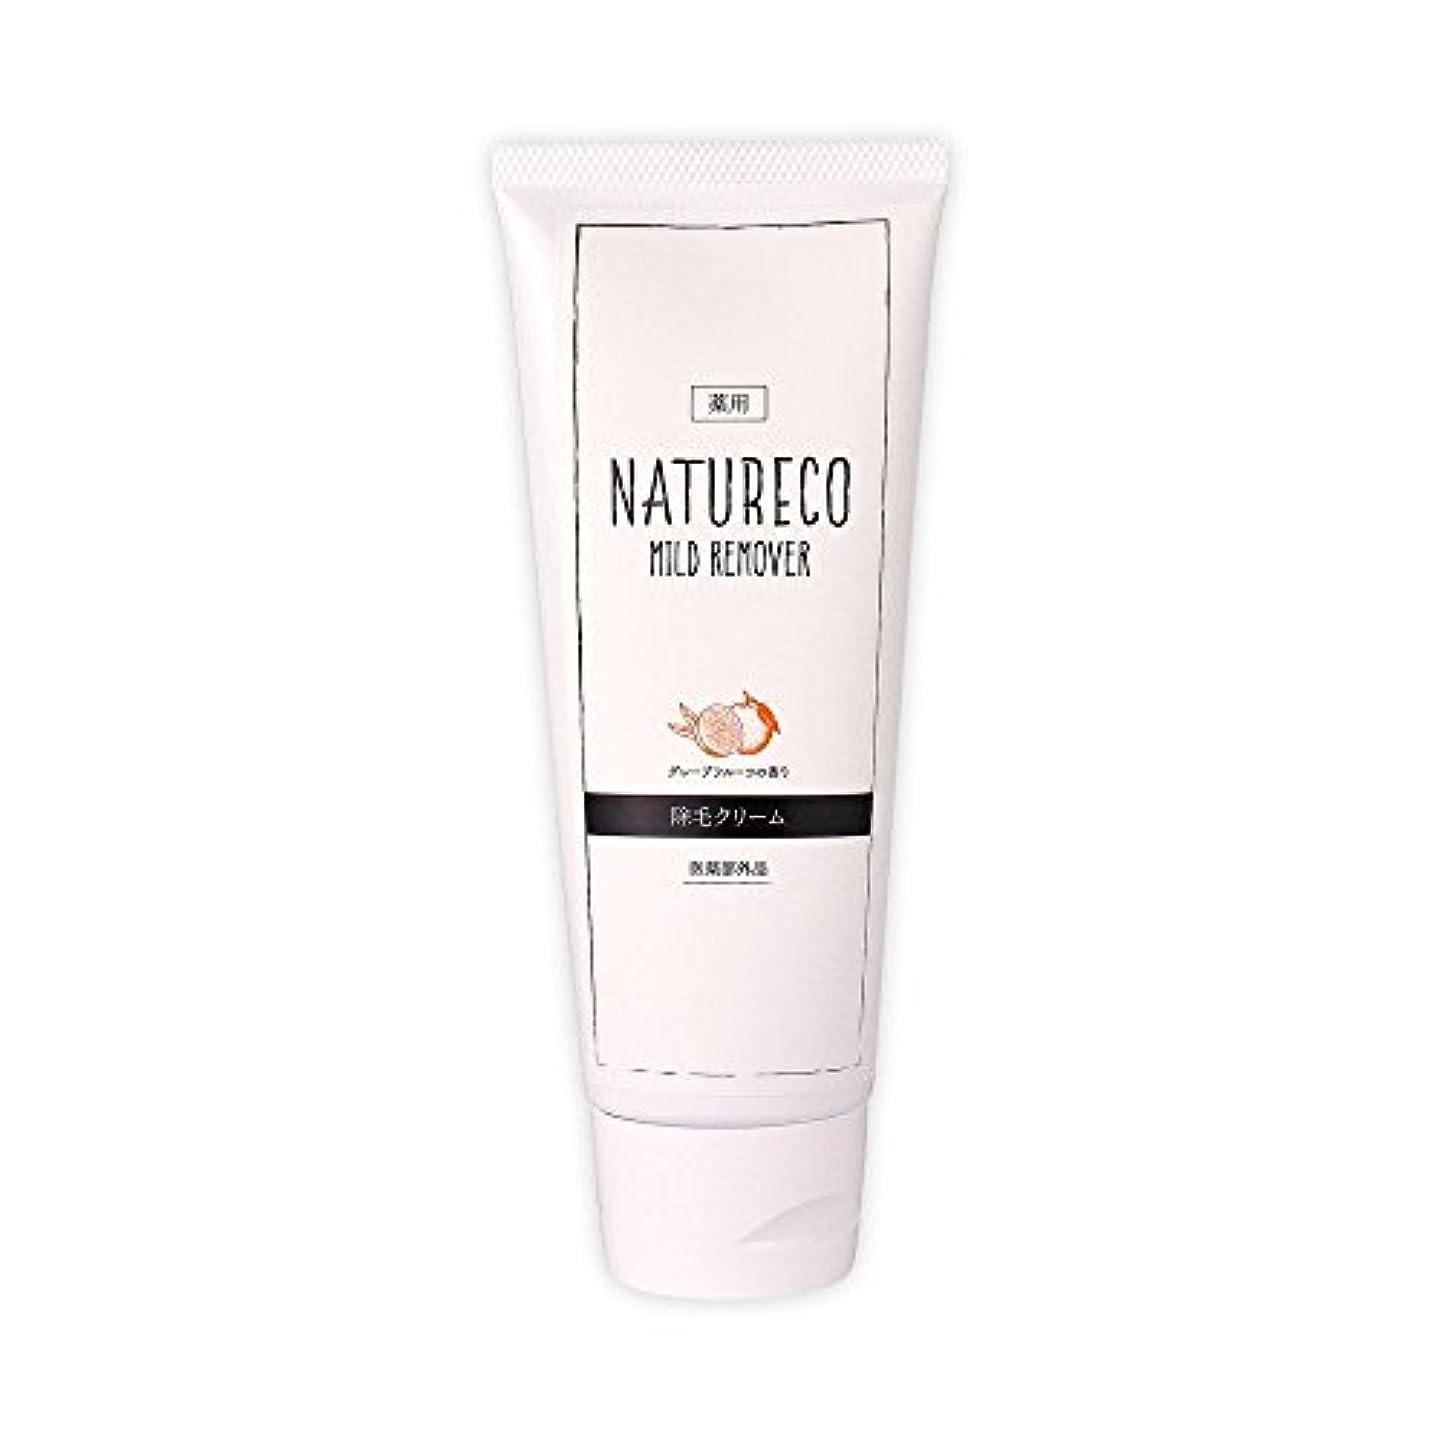 倍率権威衝動ナチュレコ 除毛クリーム 薬用 120g<さわやかな香り> 脱毛クリーム 肌に優しい除毛クリーム 肌荒れしにくい成分配合 薬用マイルドリムーバー NATURECO